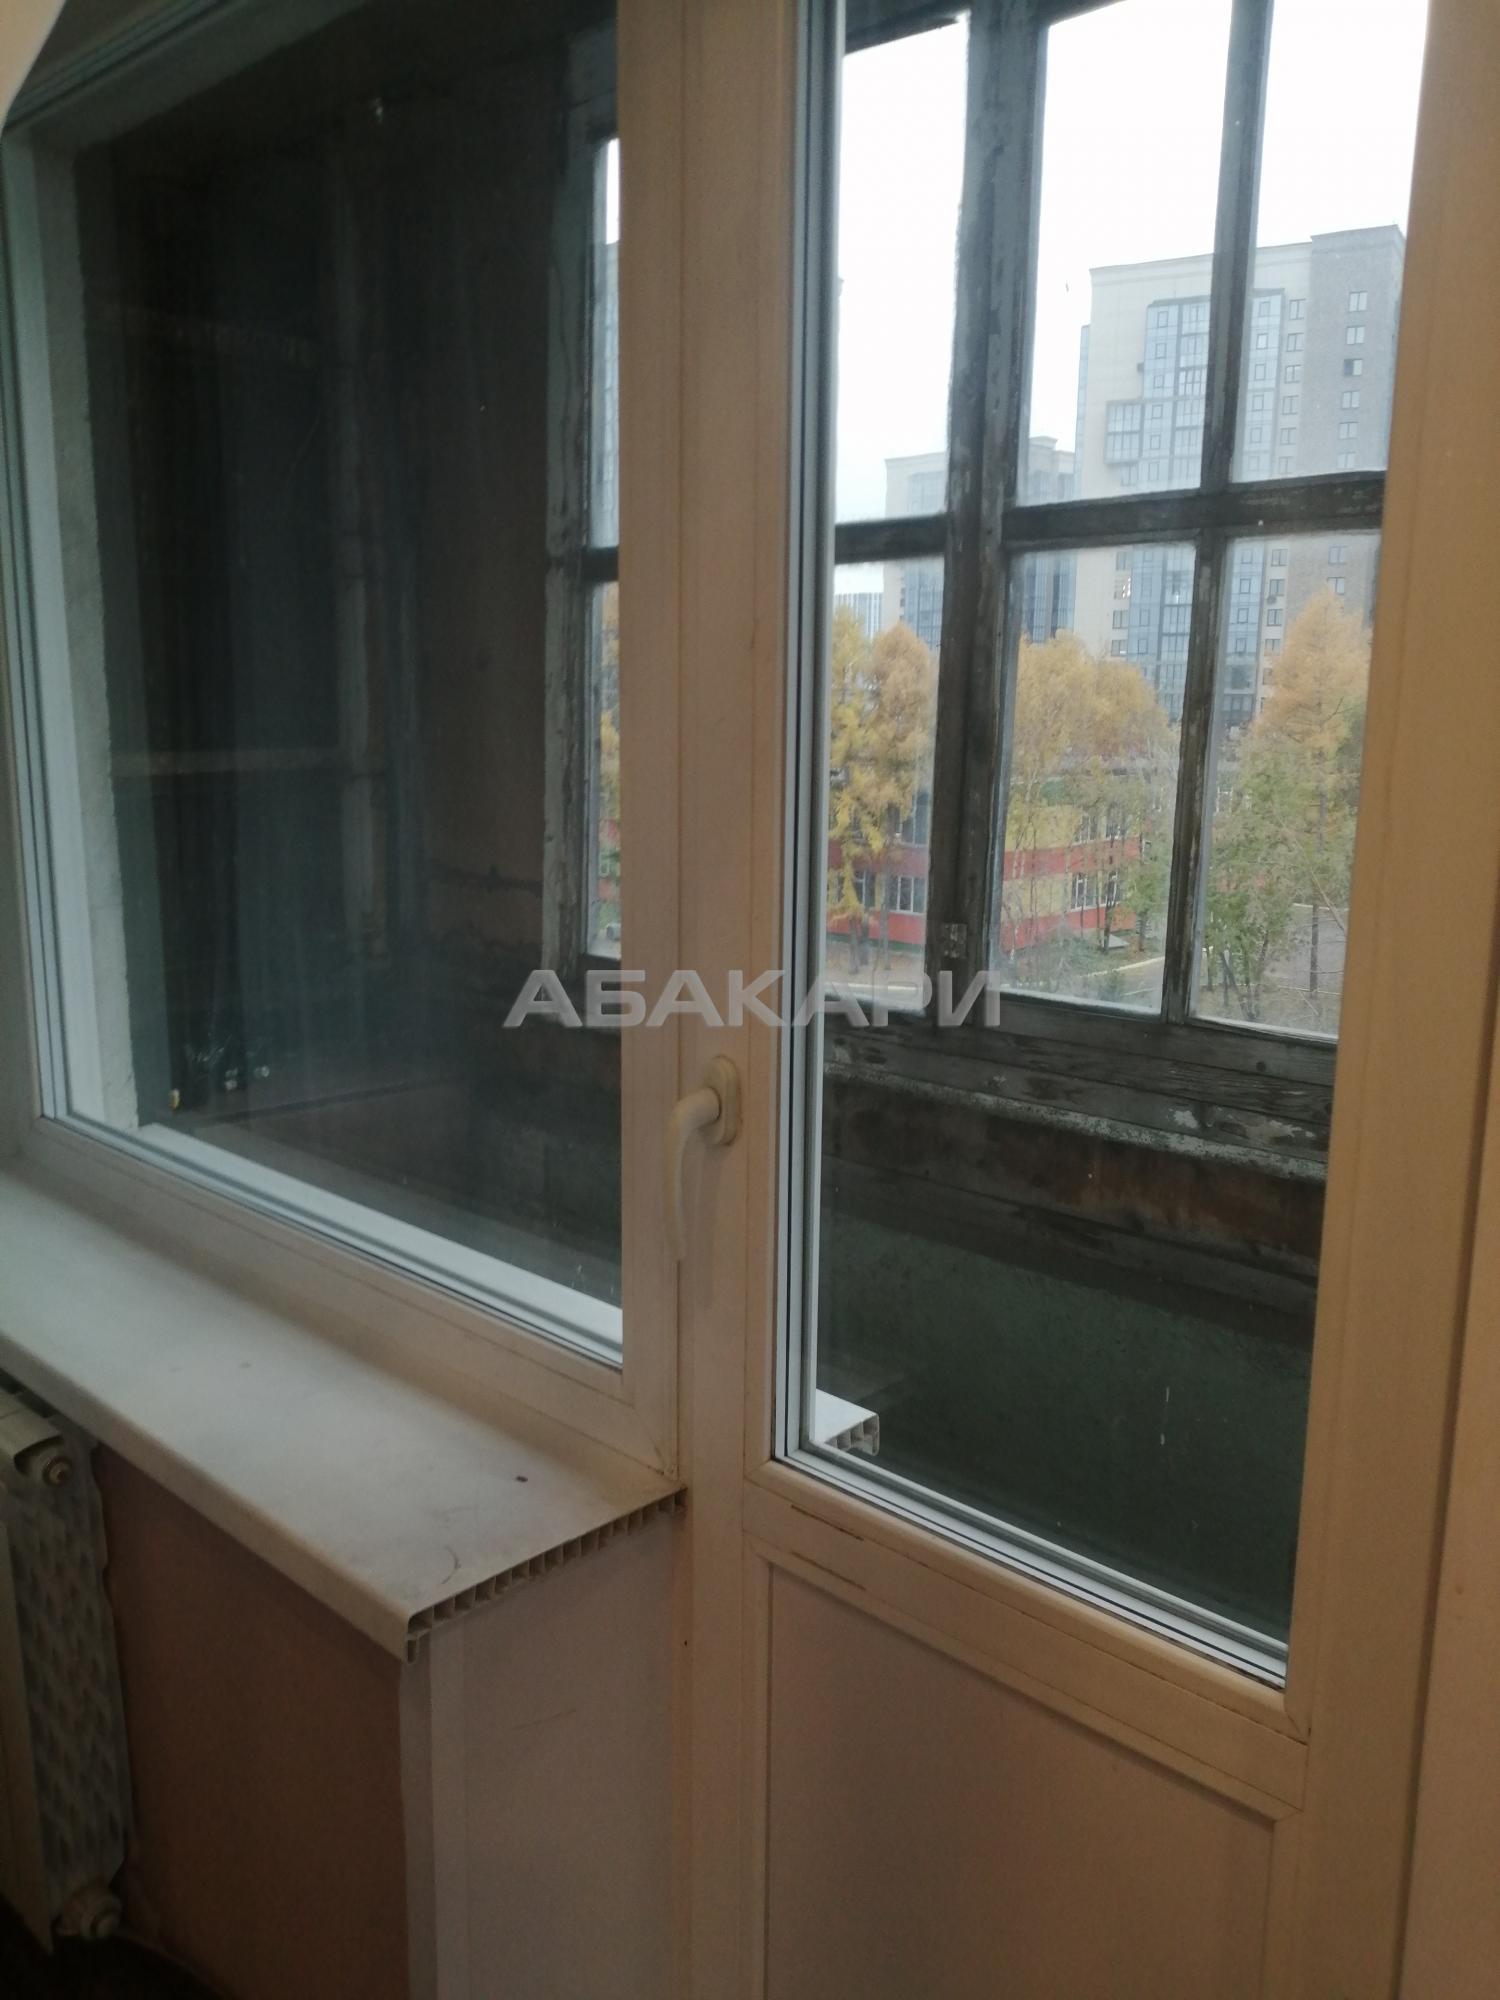 1к квартира улица Малиновского, 2А 5/5 - 42кв   11000   аренда в Красноярске фото 3